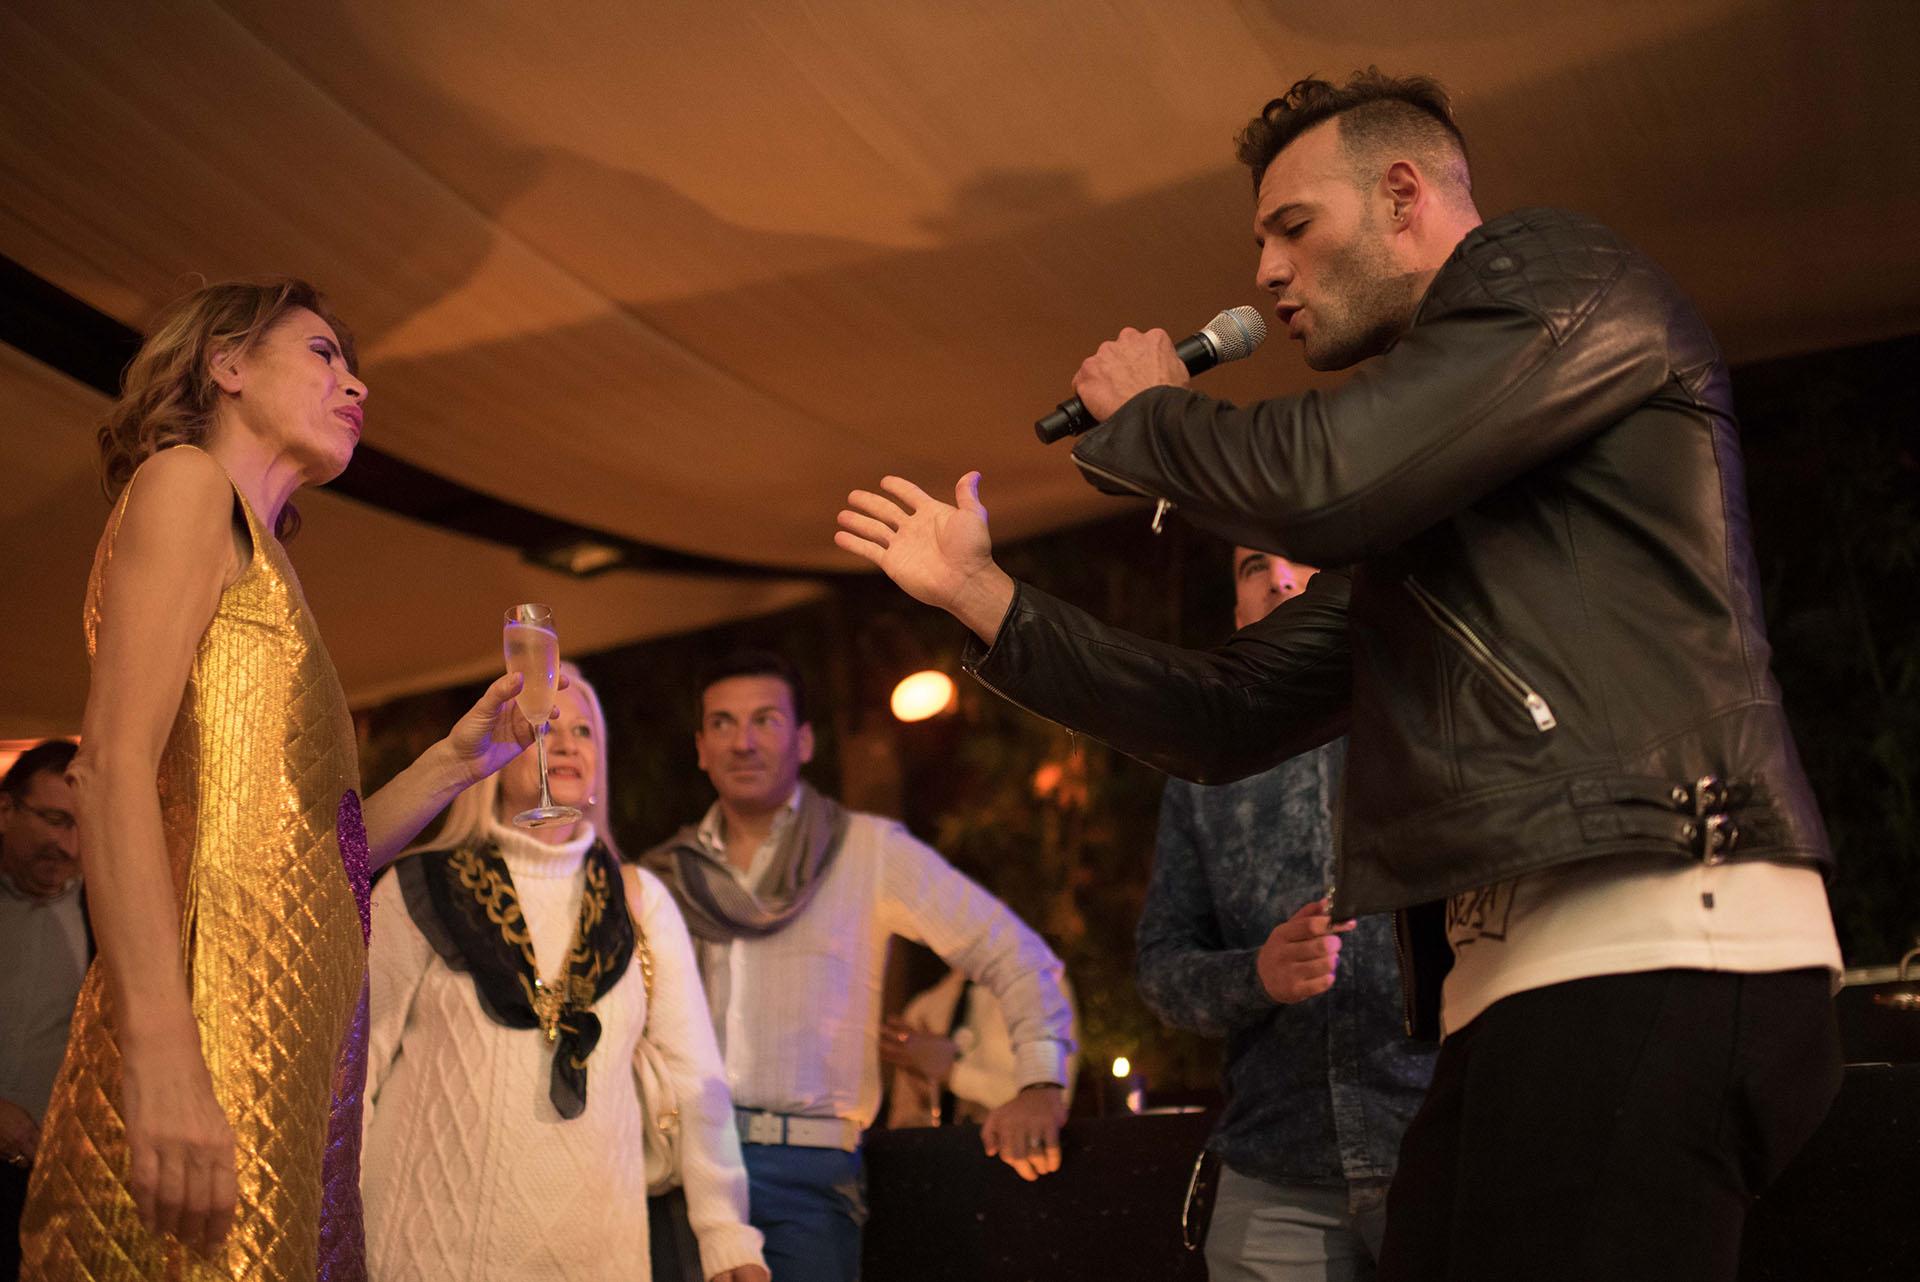 El cantante Marko Silva junto a la diseñadora Ágatha Ruíz de la Prada durante la cena en el restaurante Bo Zin